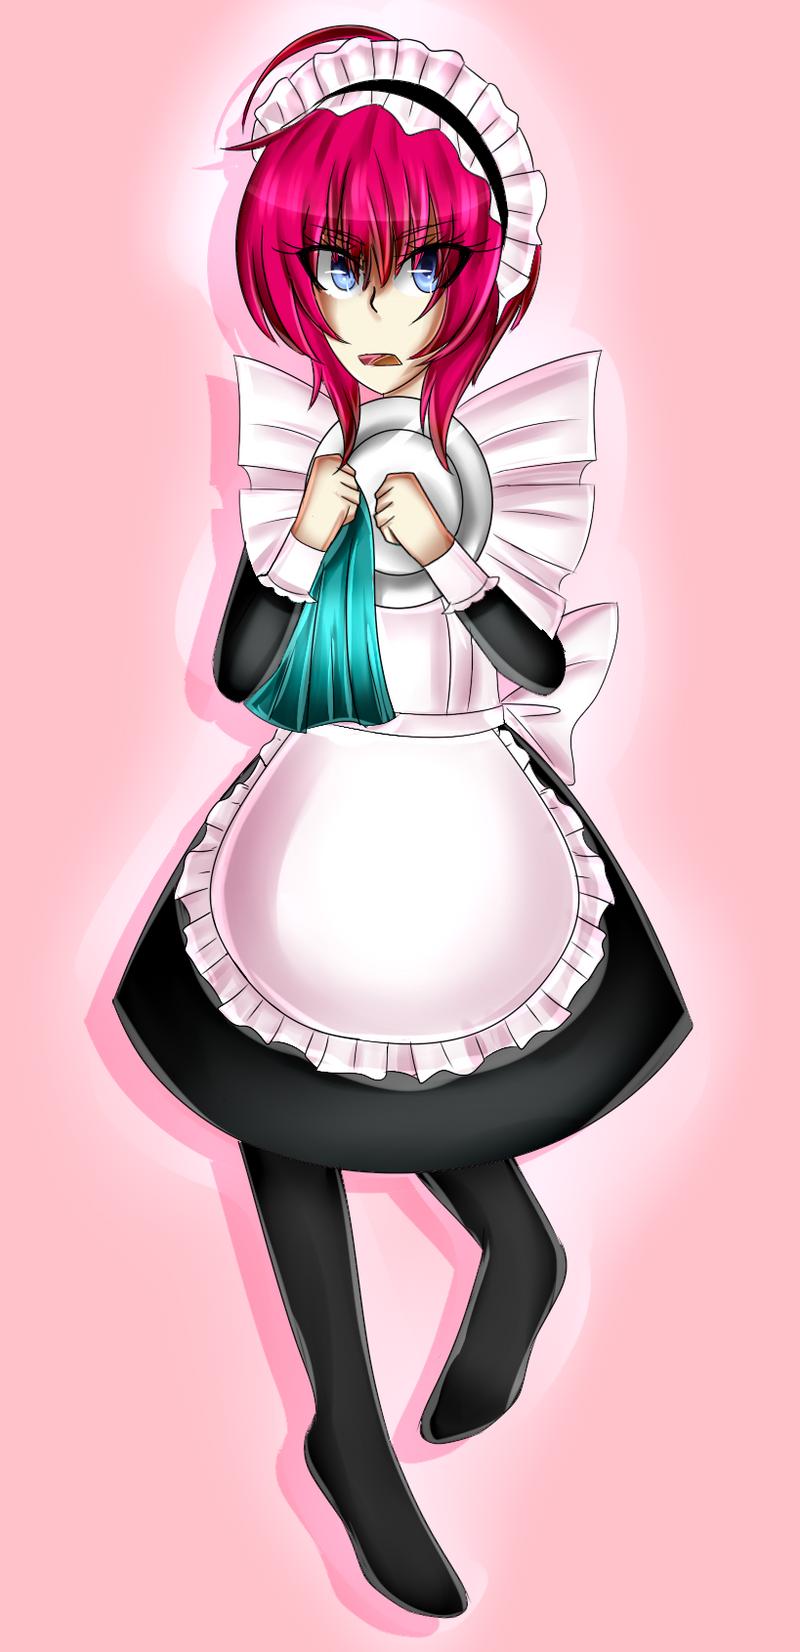 Anime shounen maid curo-kun: tenshi no uta